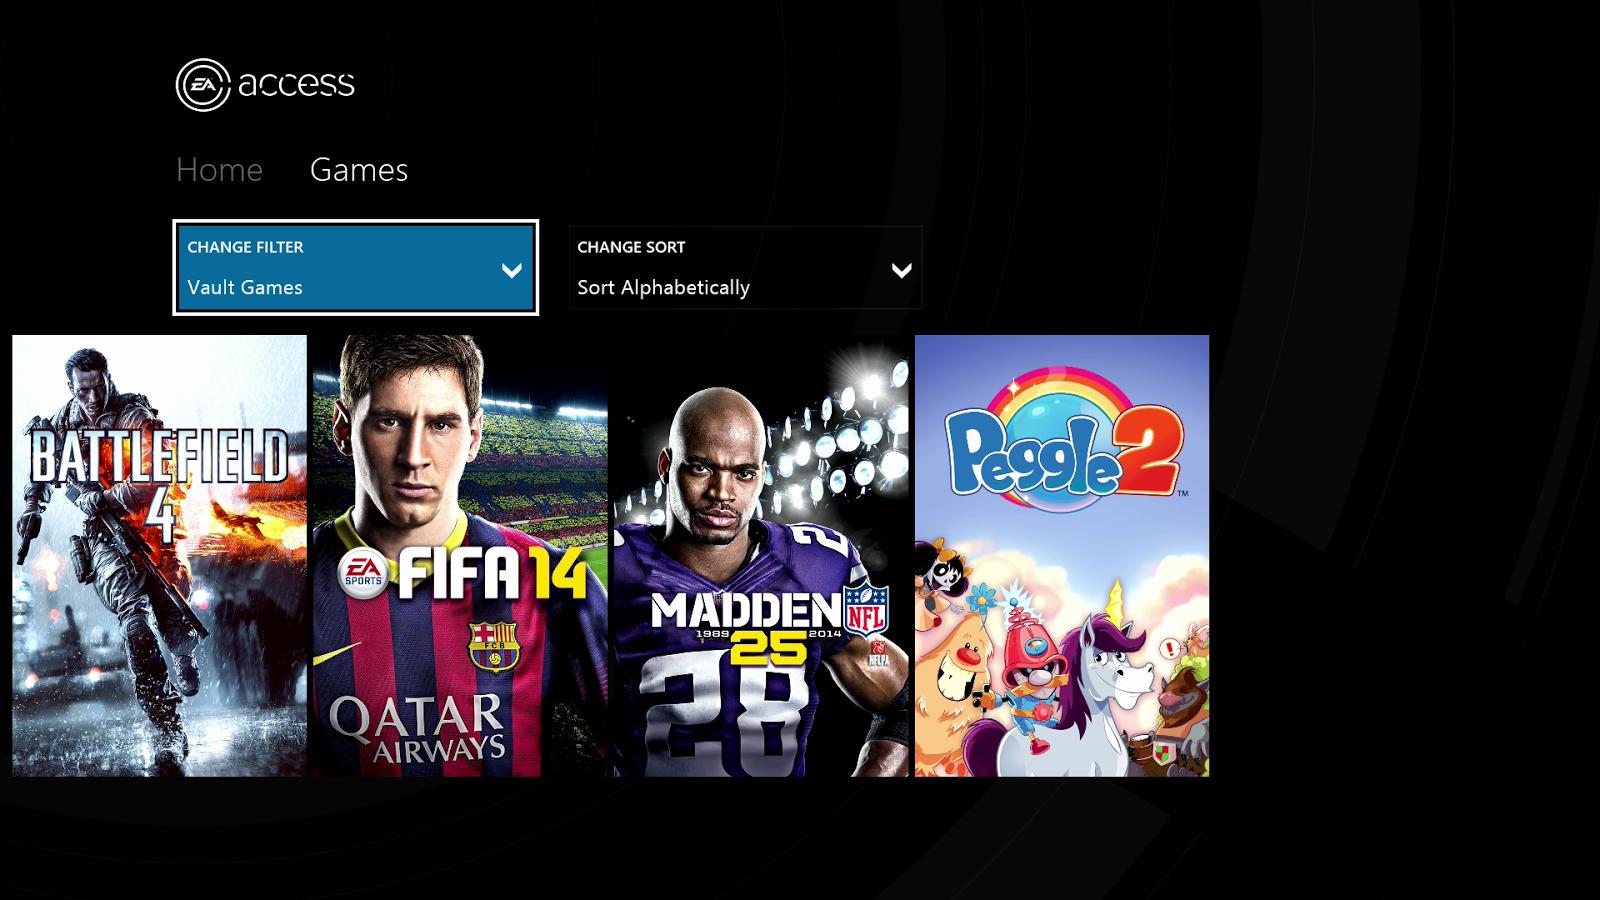 В сентябре игра Need For Speed: Rivals будет добавлена в сервис EA Access